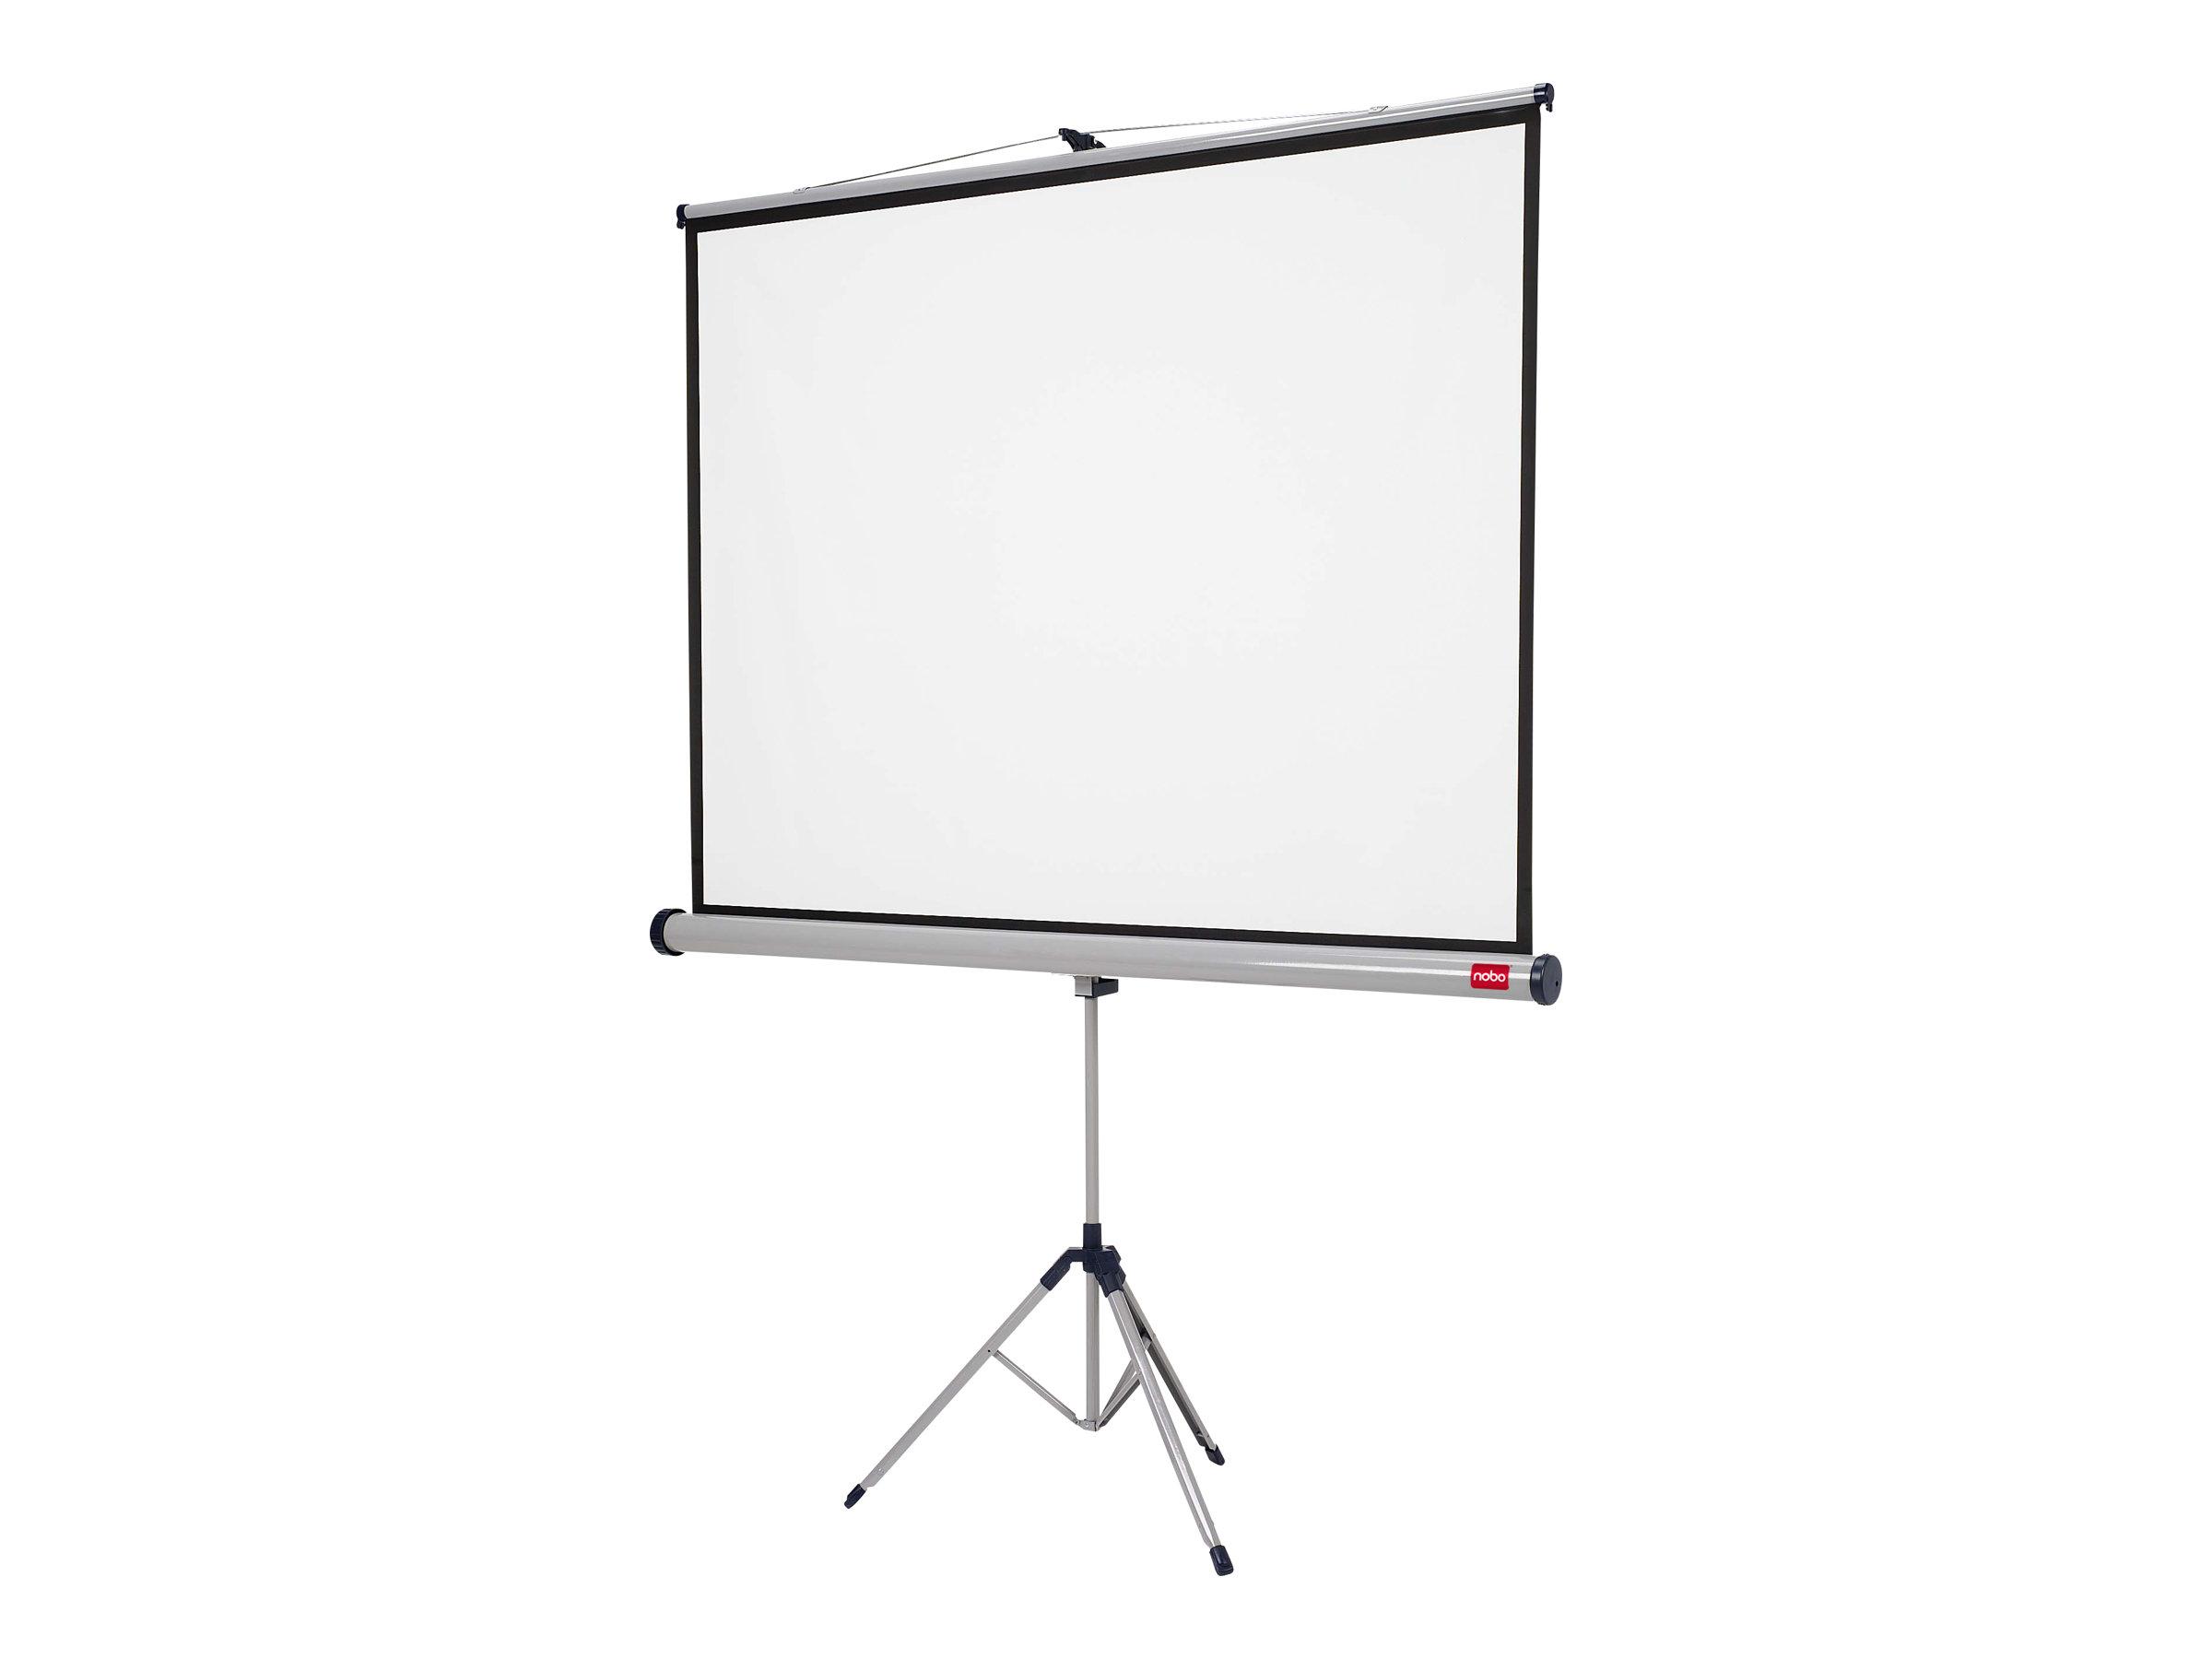 NOBO écran de projection avec trépied - 95.7 po (243 cm)